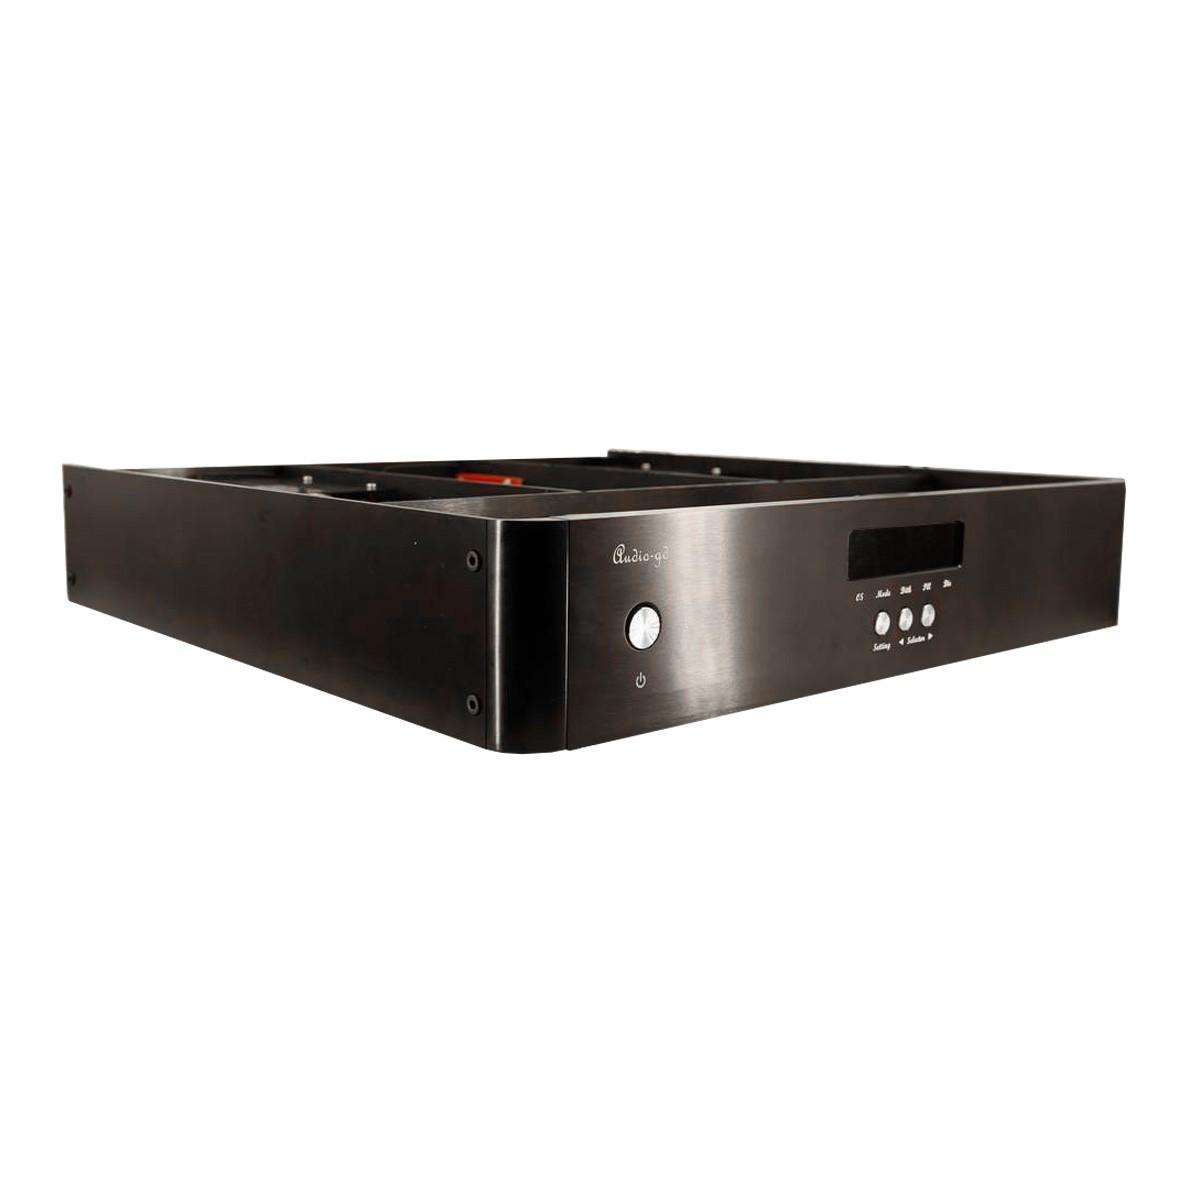 AUDIO-GD R-7 2020 Balanced R2R DAC FPGA I2S HDMI Amanero 32bit 384kHz DSD512 Accusilicon Crystek